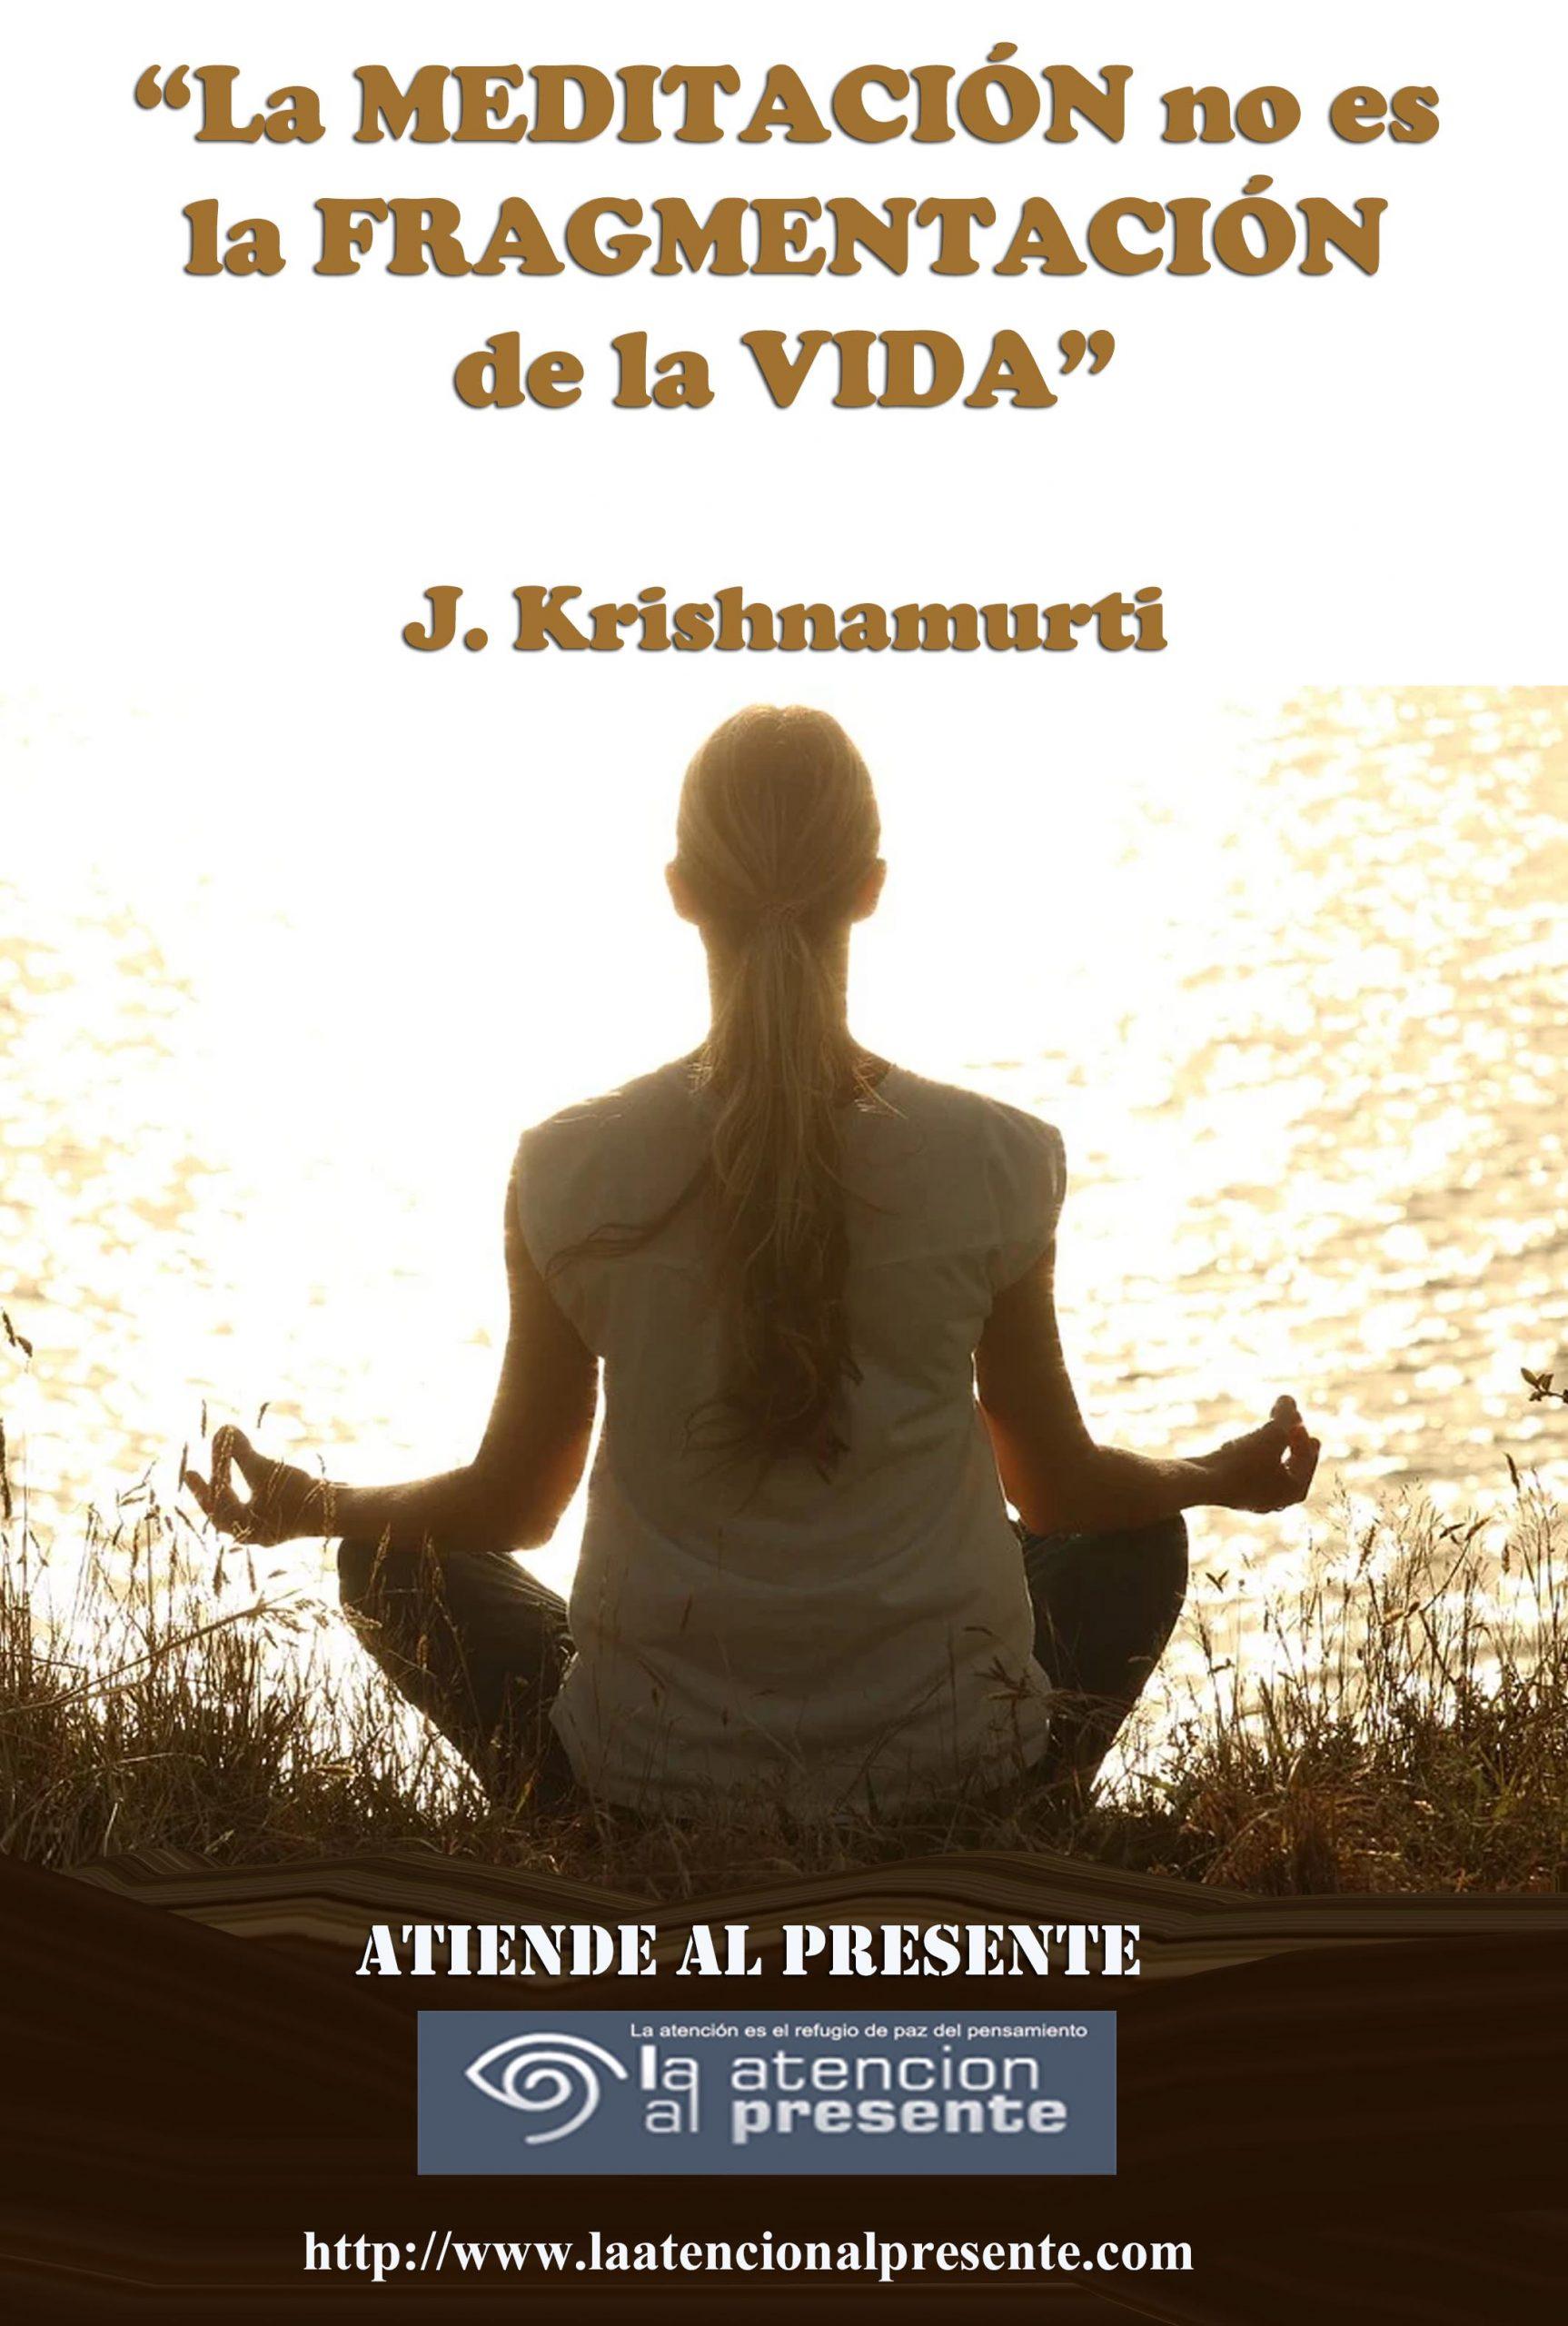 14 de Diciembre Krishnamurti La meditacion no es una fragmentacion de la vida min scaled